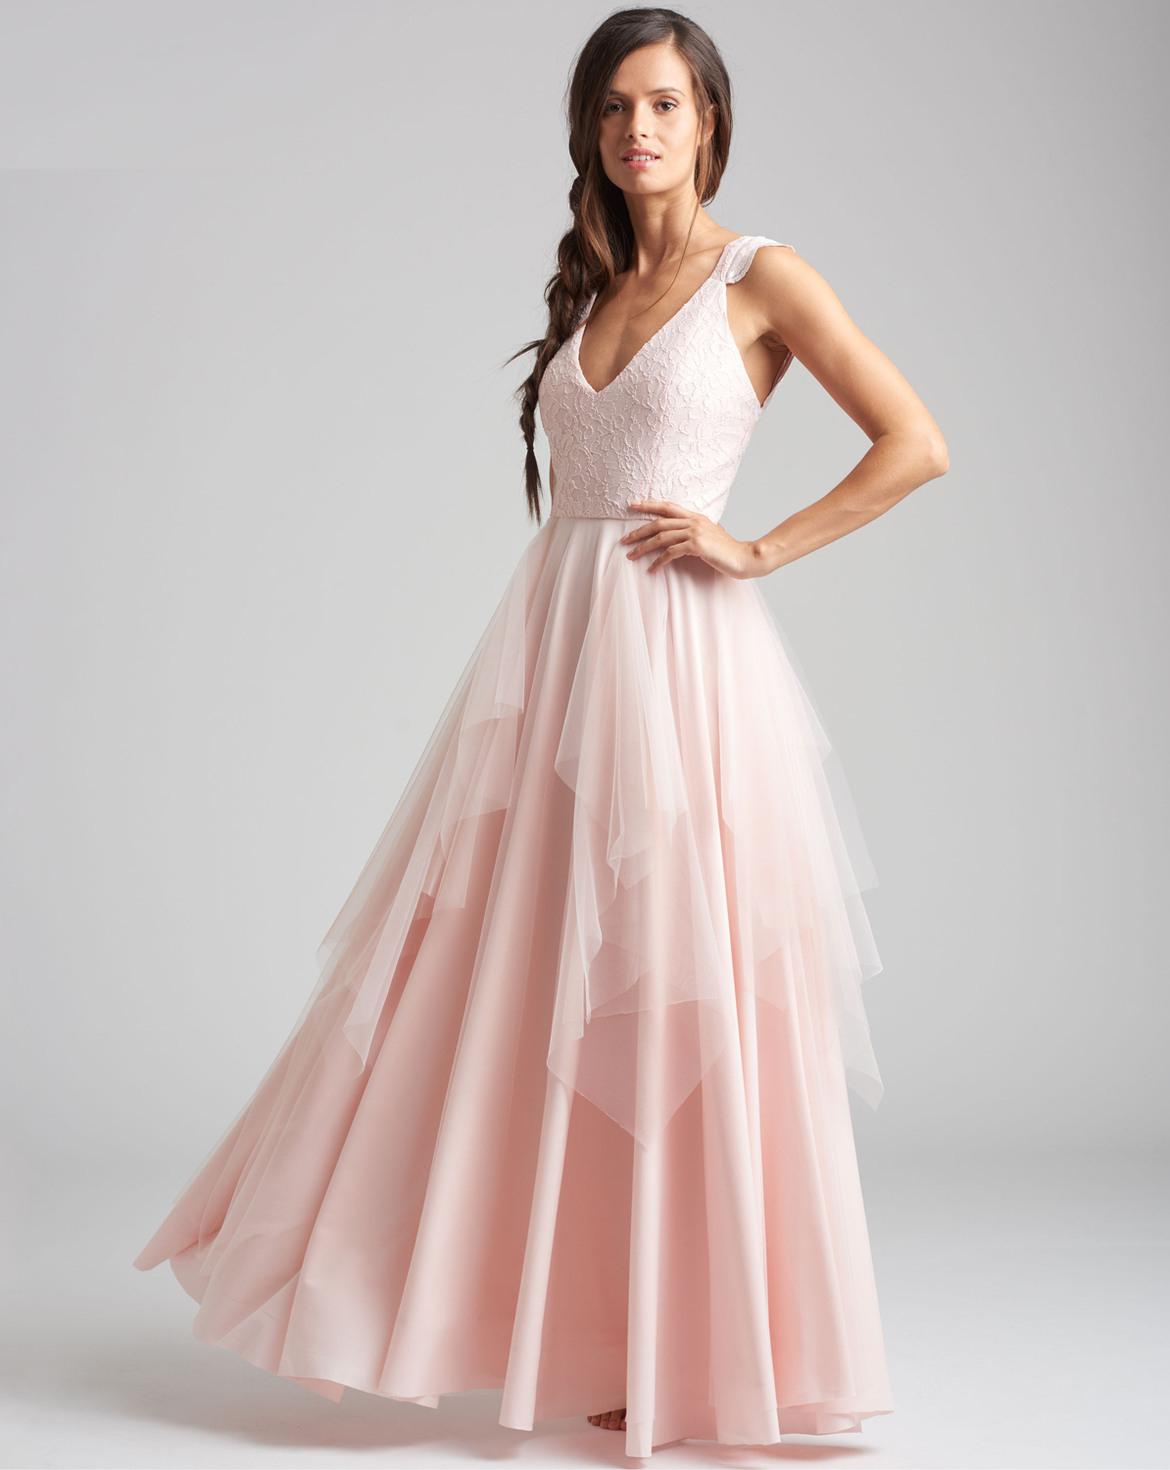 17 Großartig Festliche Kleider Design20 Großartig Festliche Kleider Bester Preis